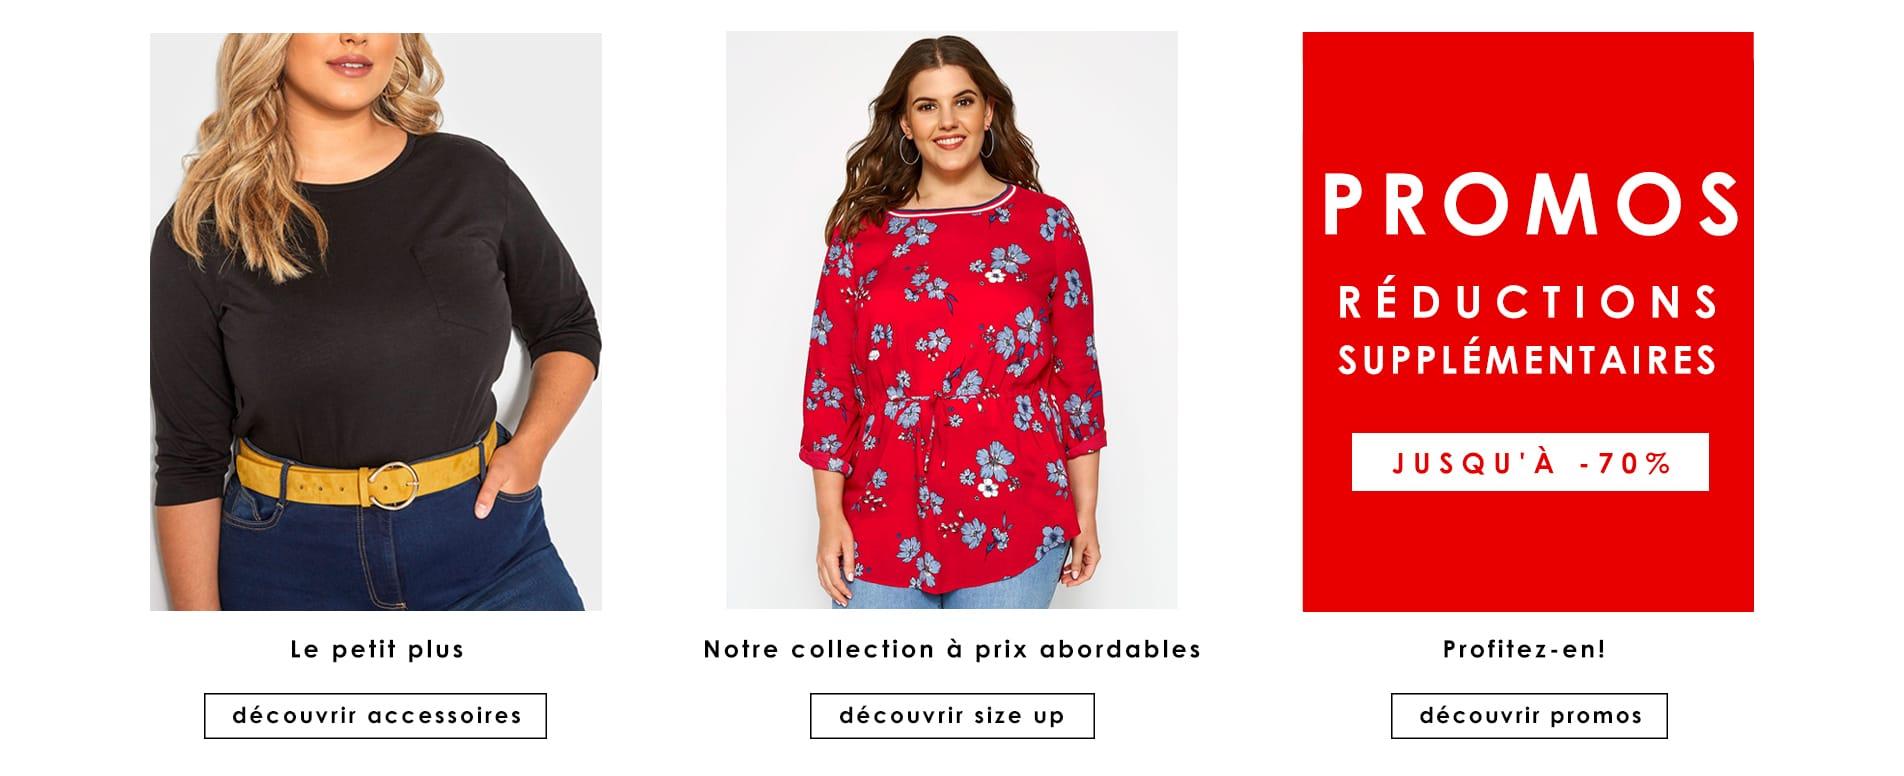 Accessoires, Size Up, Soldes, Promos >